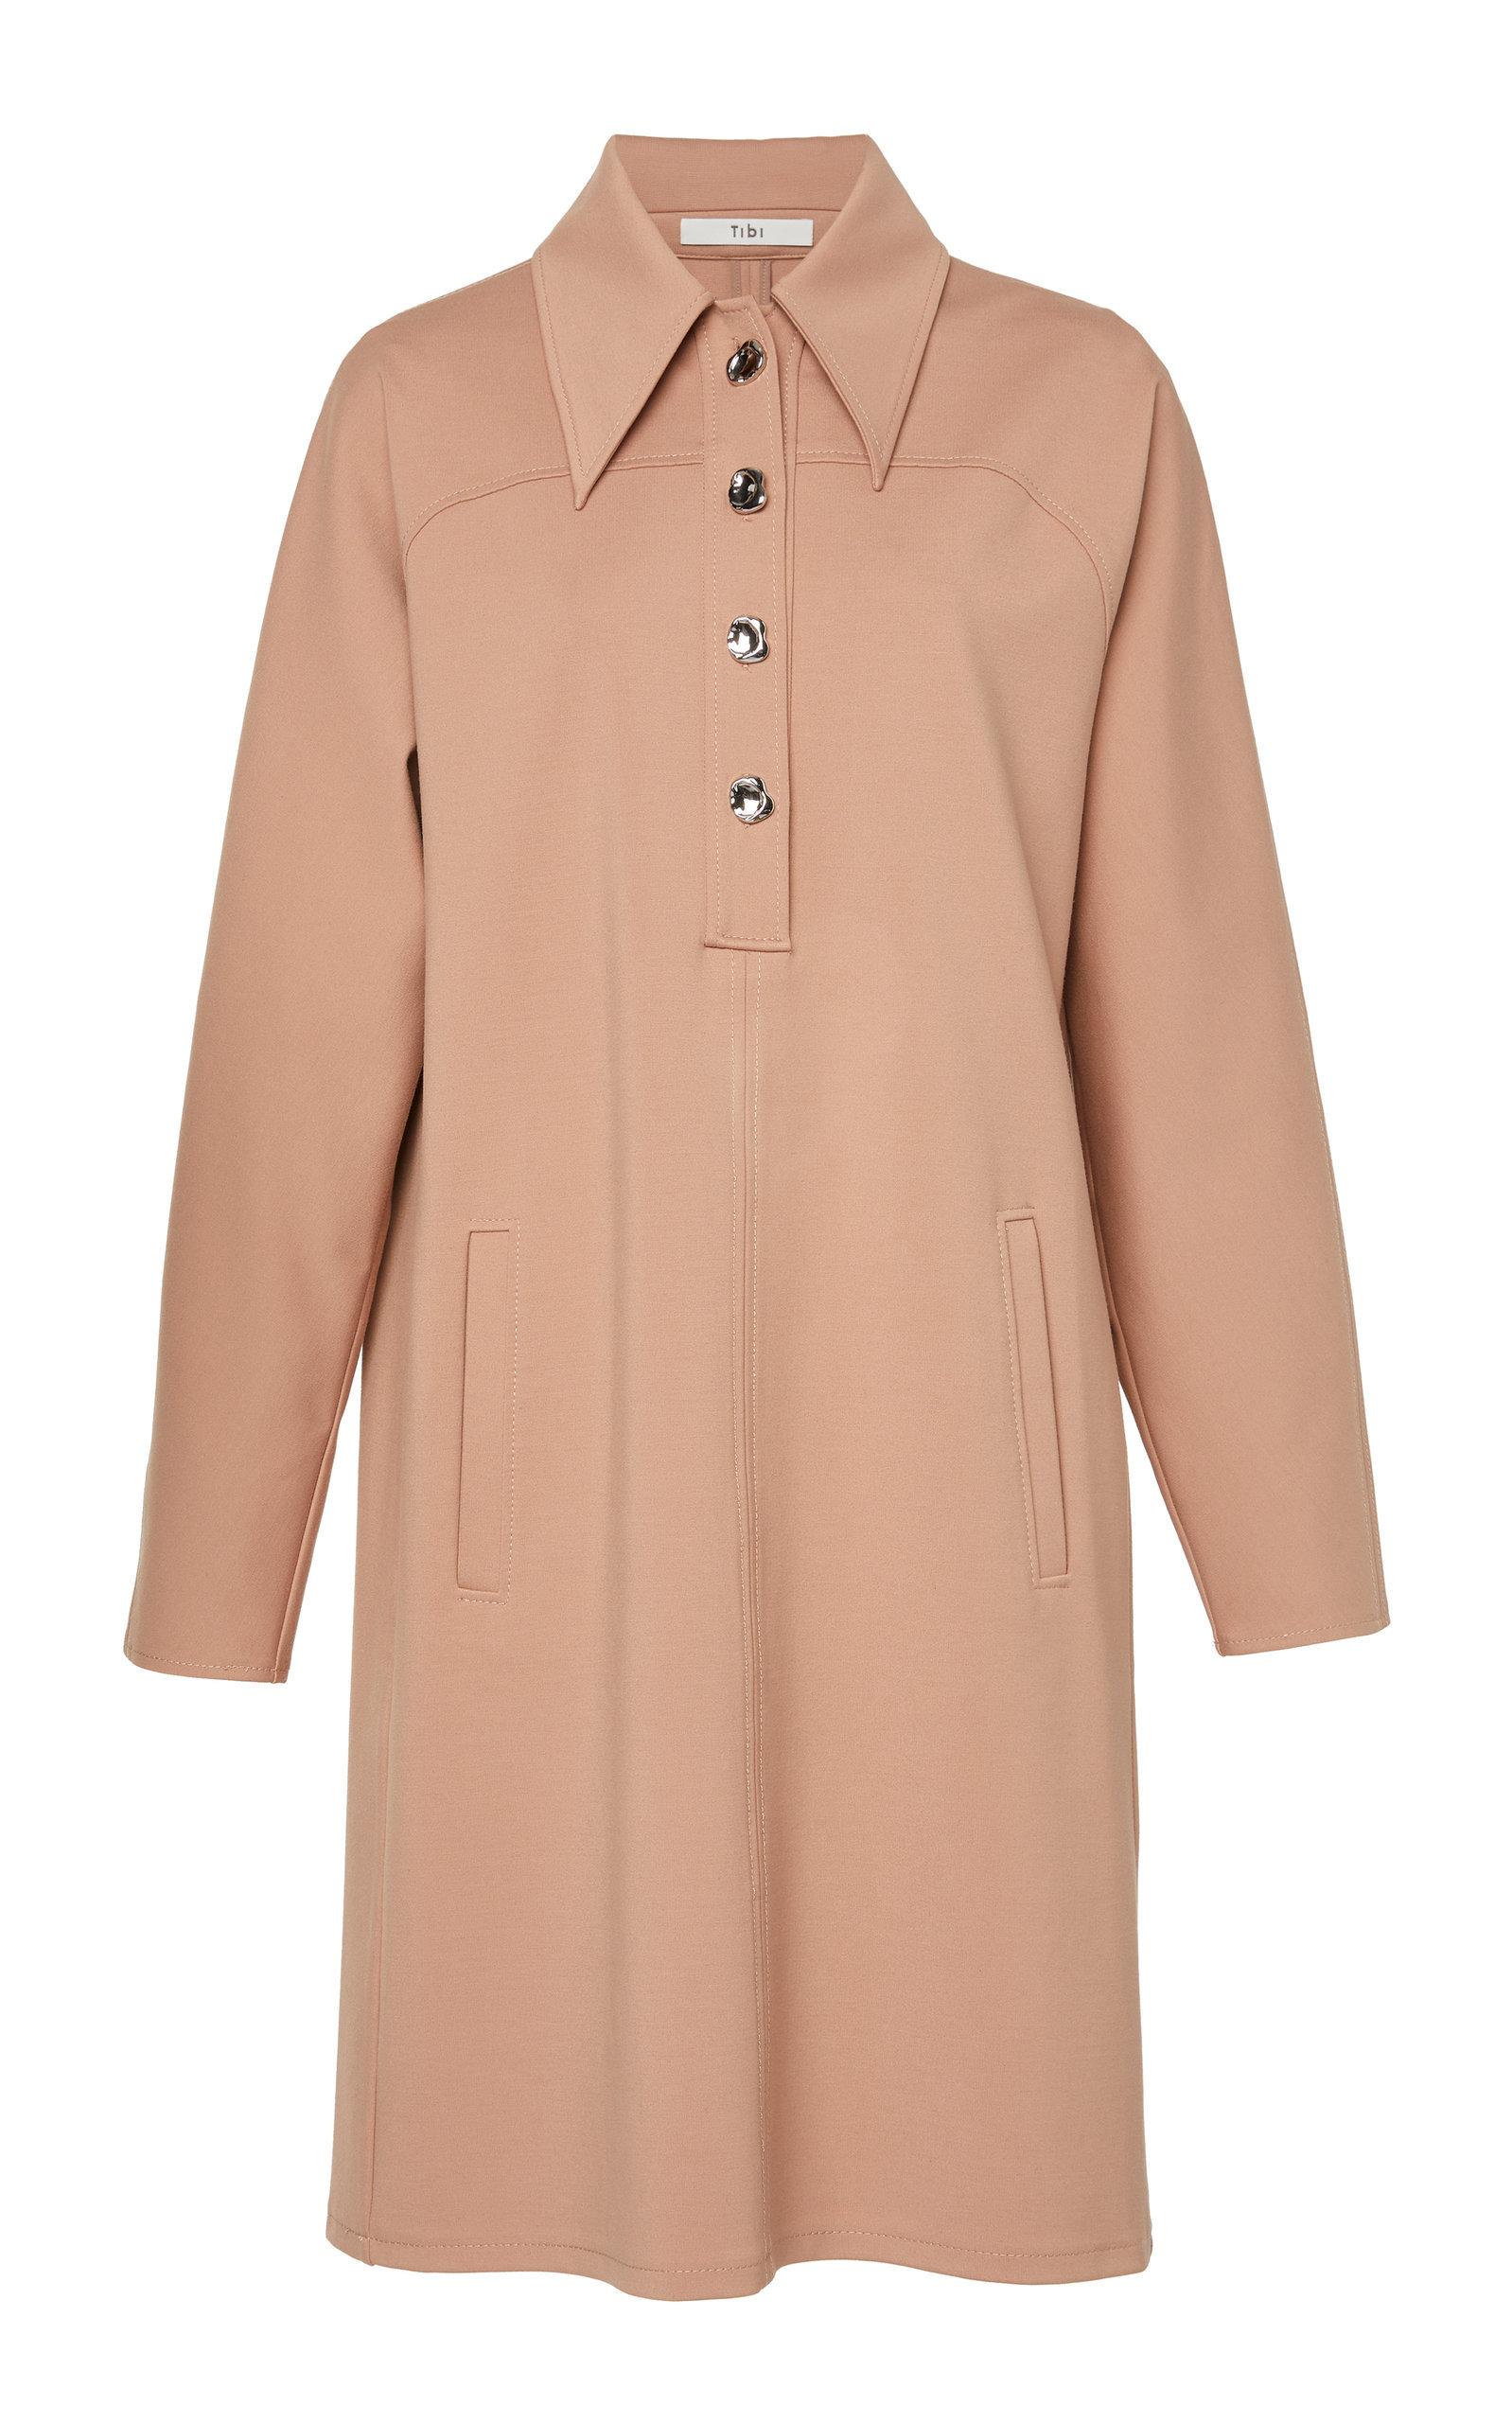 Bond Stretch Crepe Shirt Dress | $495